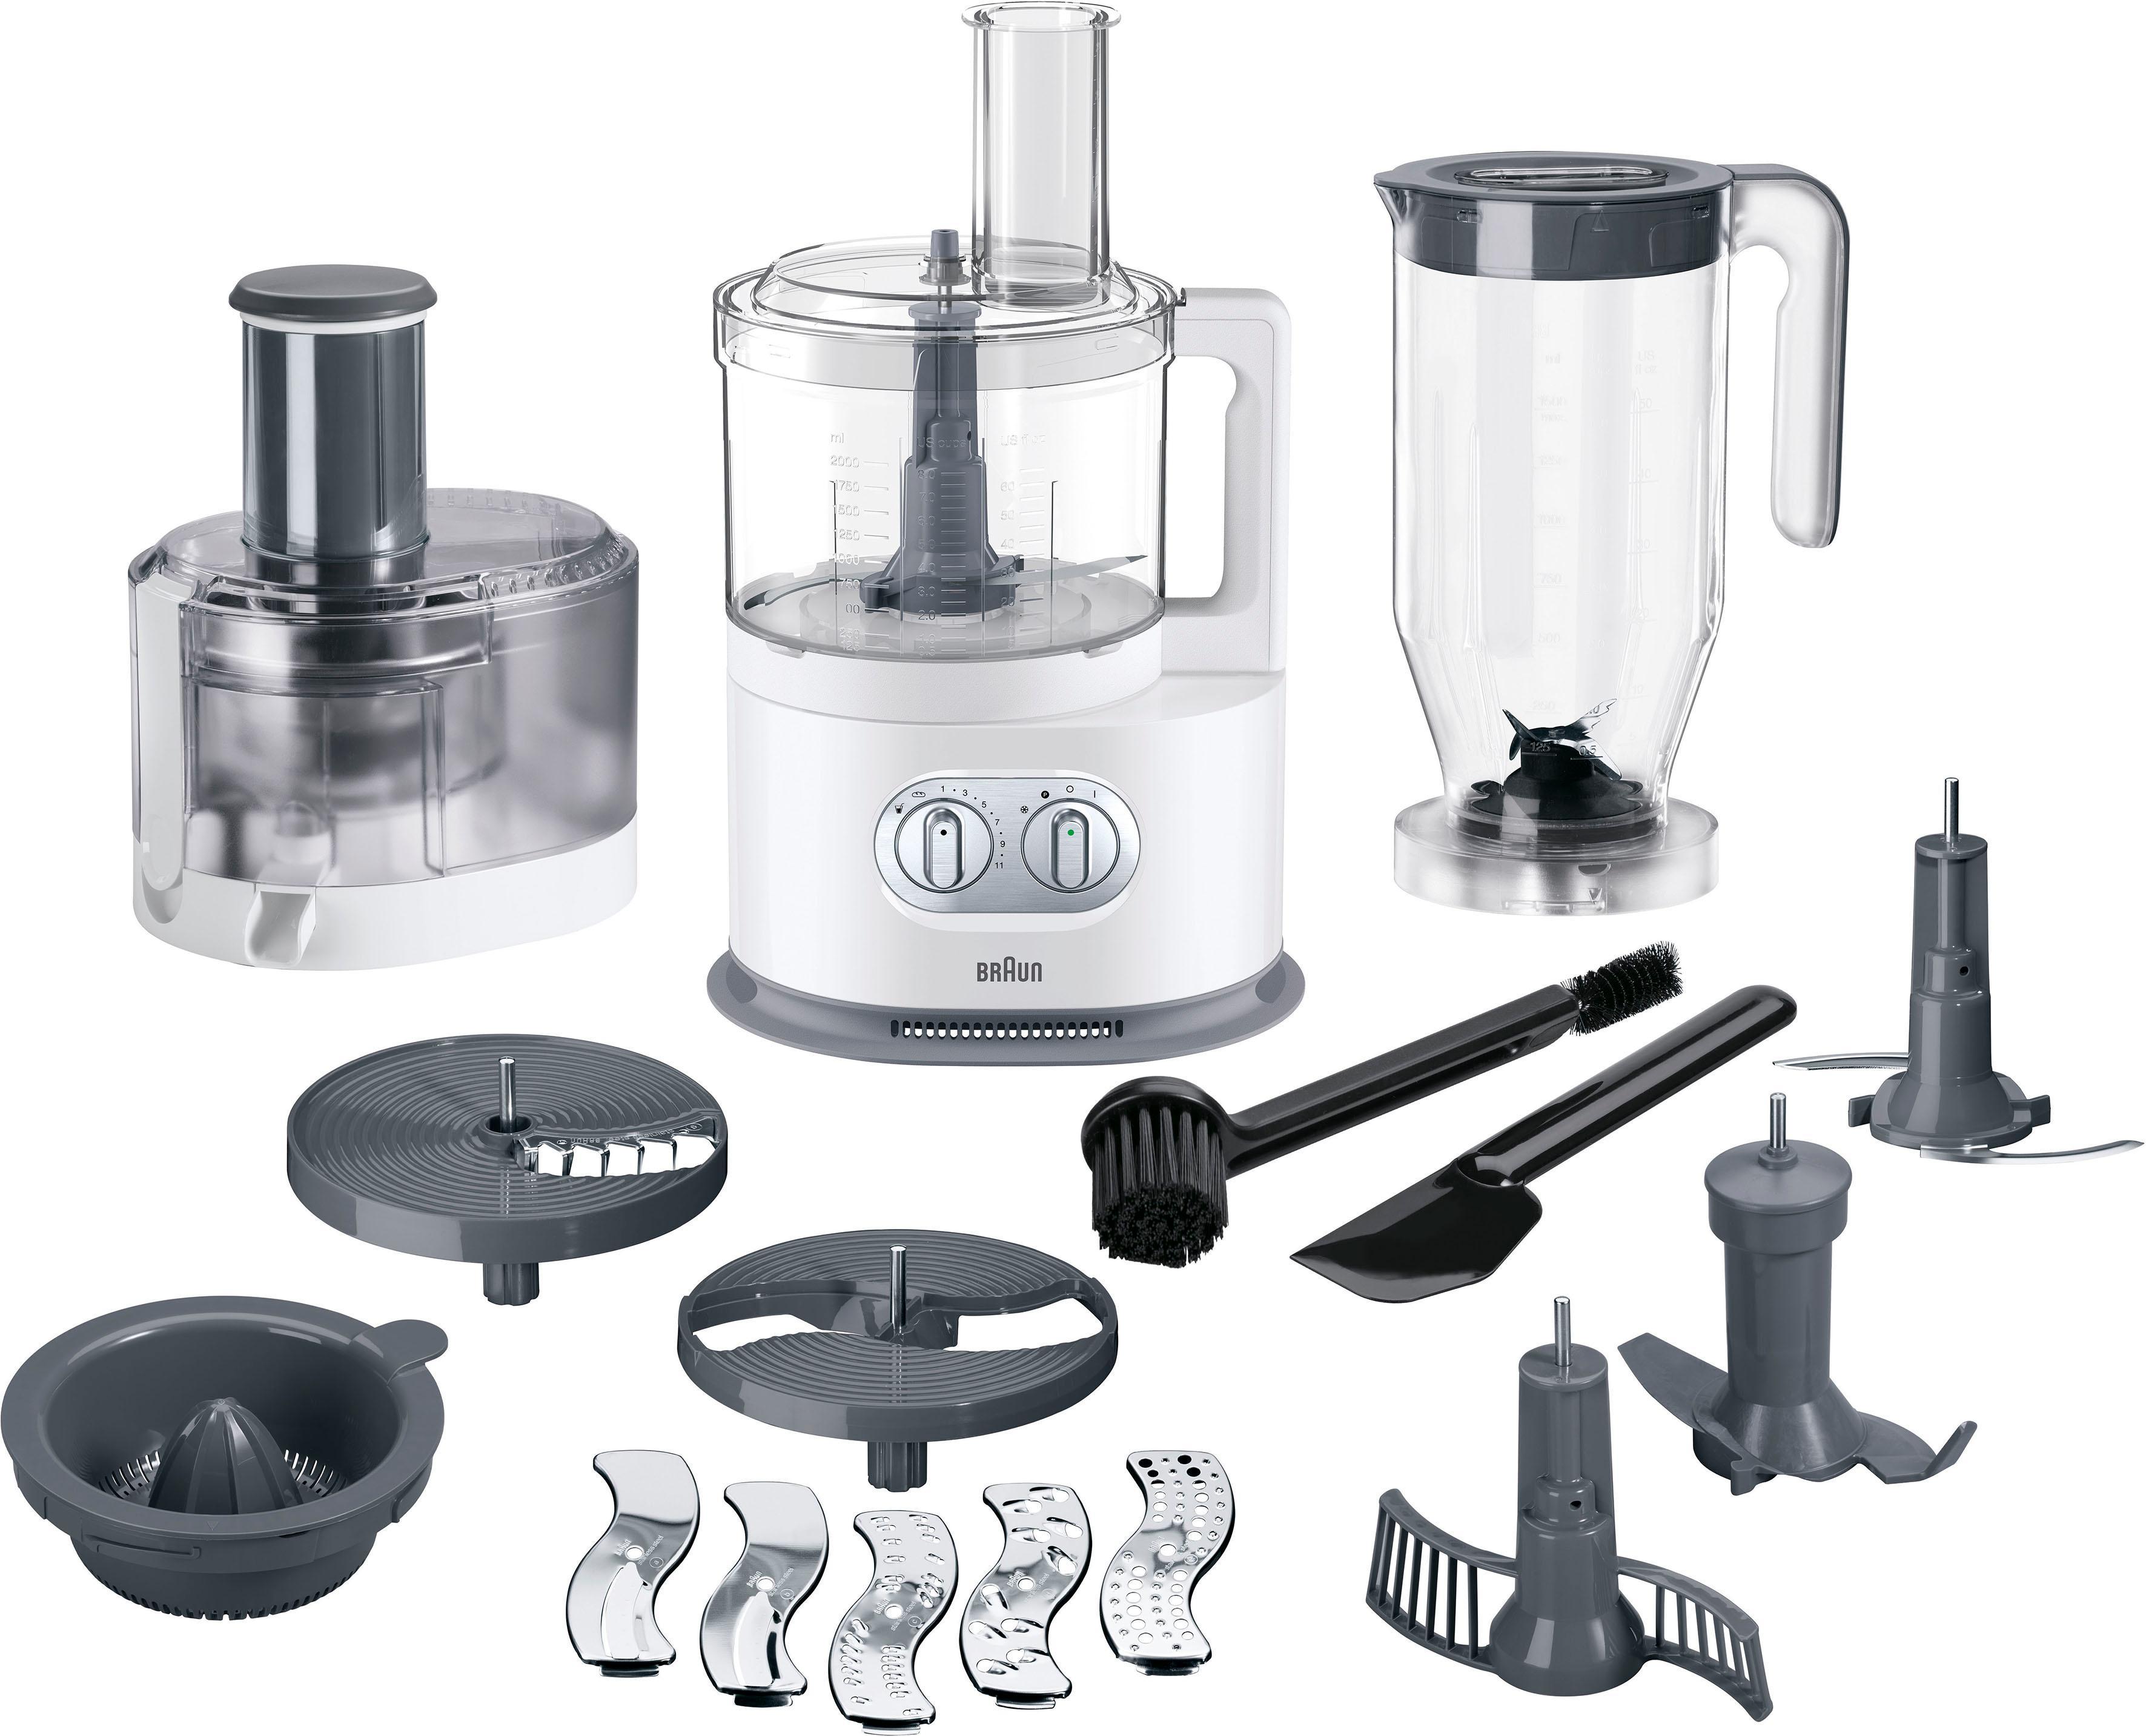 Braun Küchenmaschine mit Kochfunktion FP 5160, 1000 Watt, Schüssel 2 ...